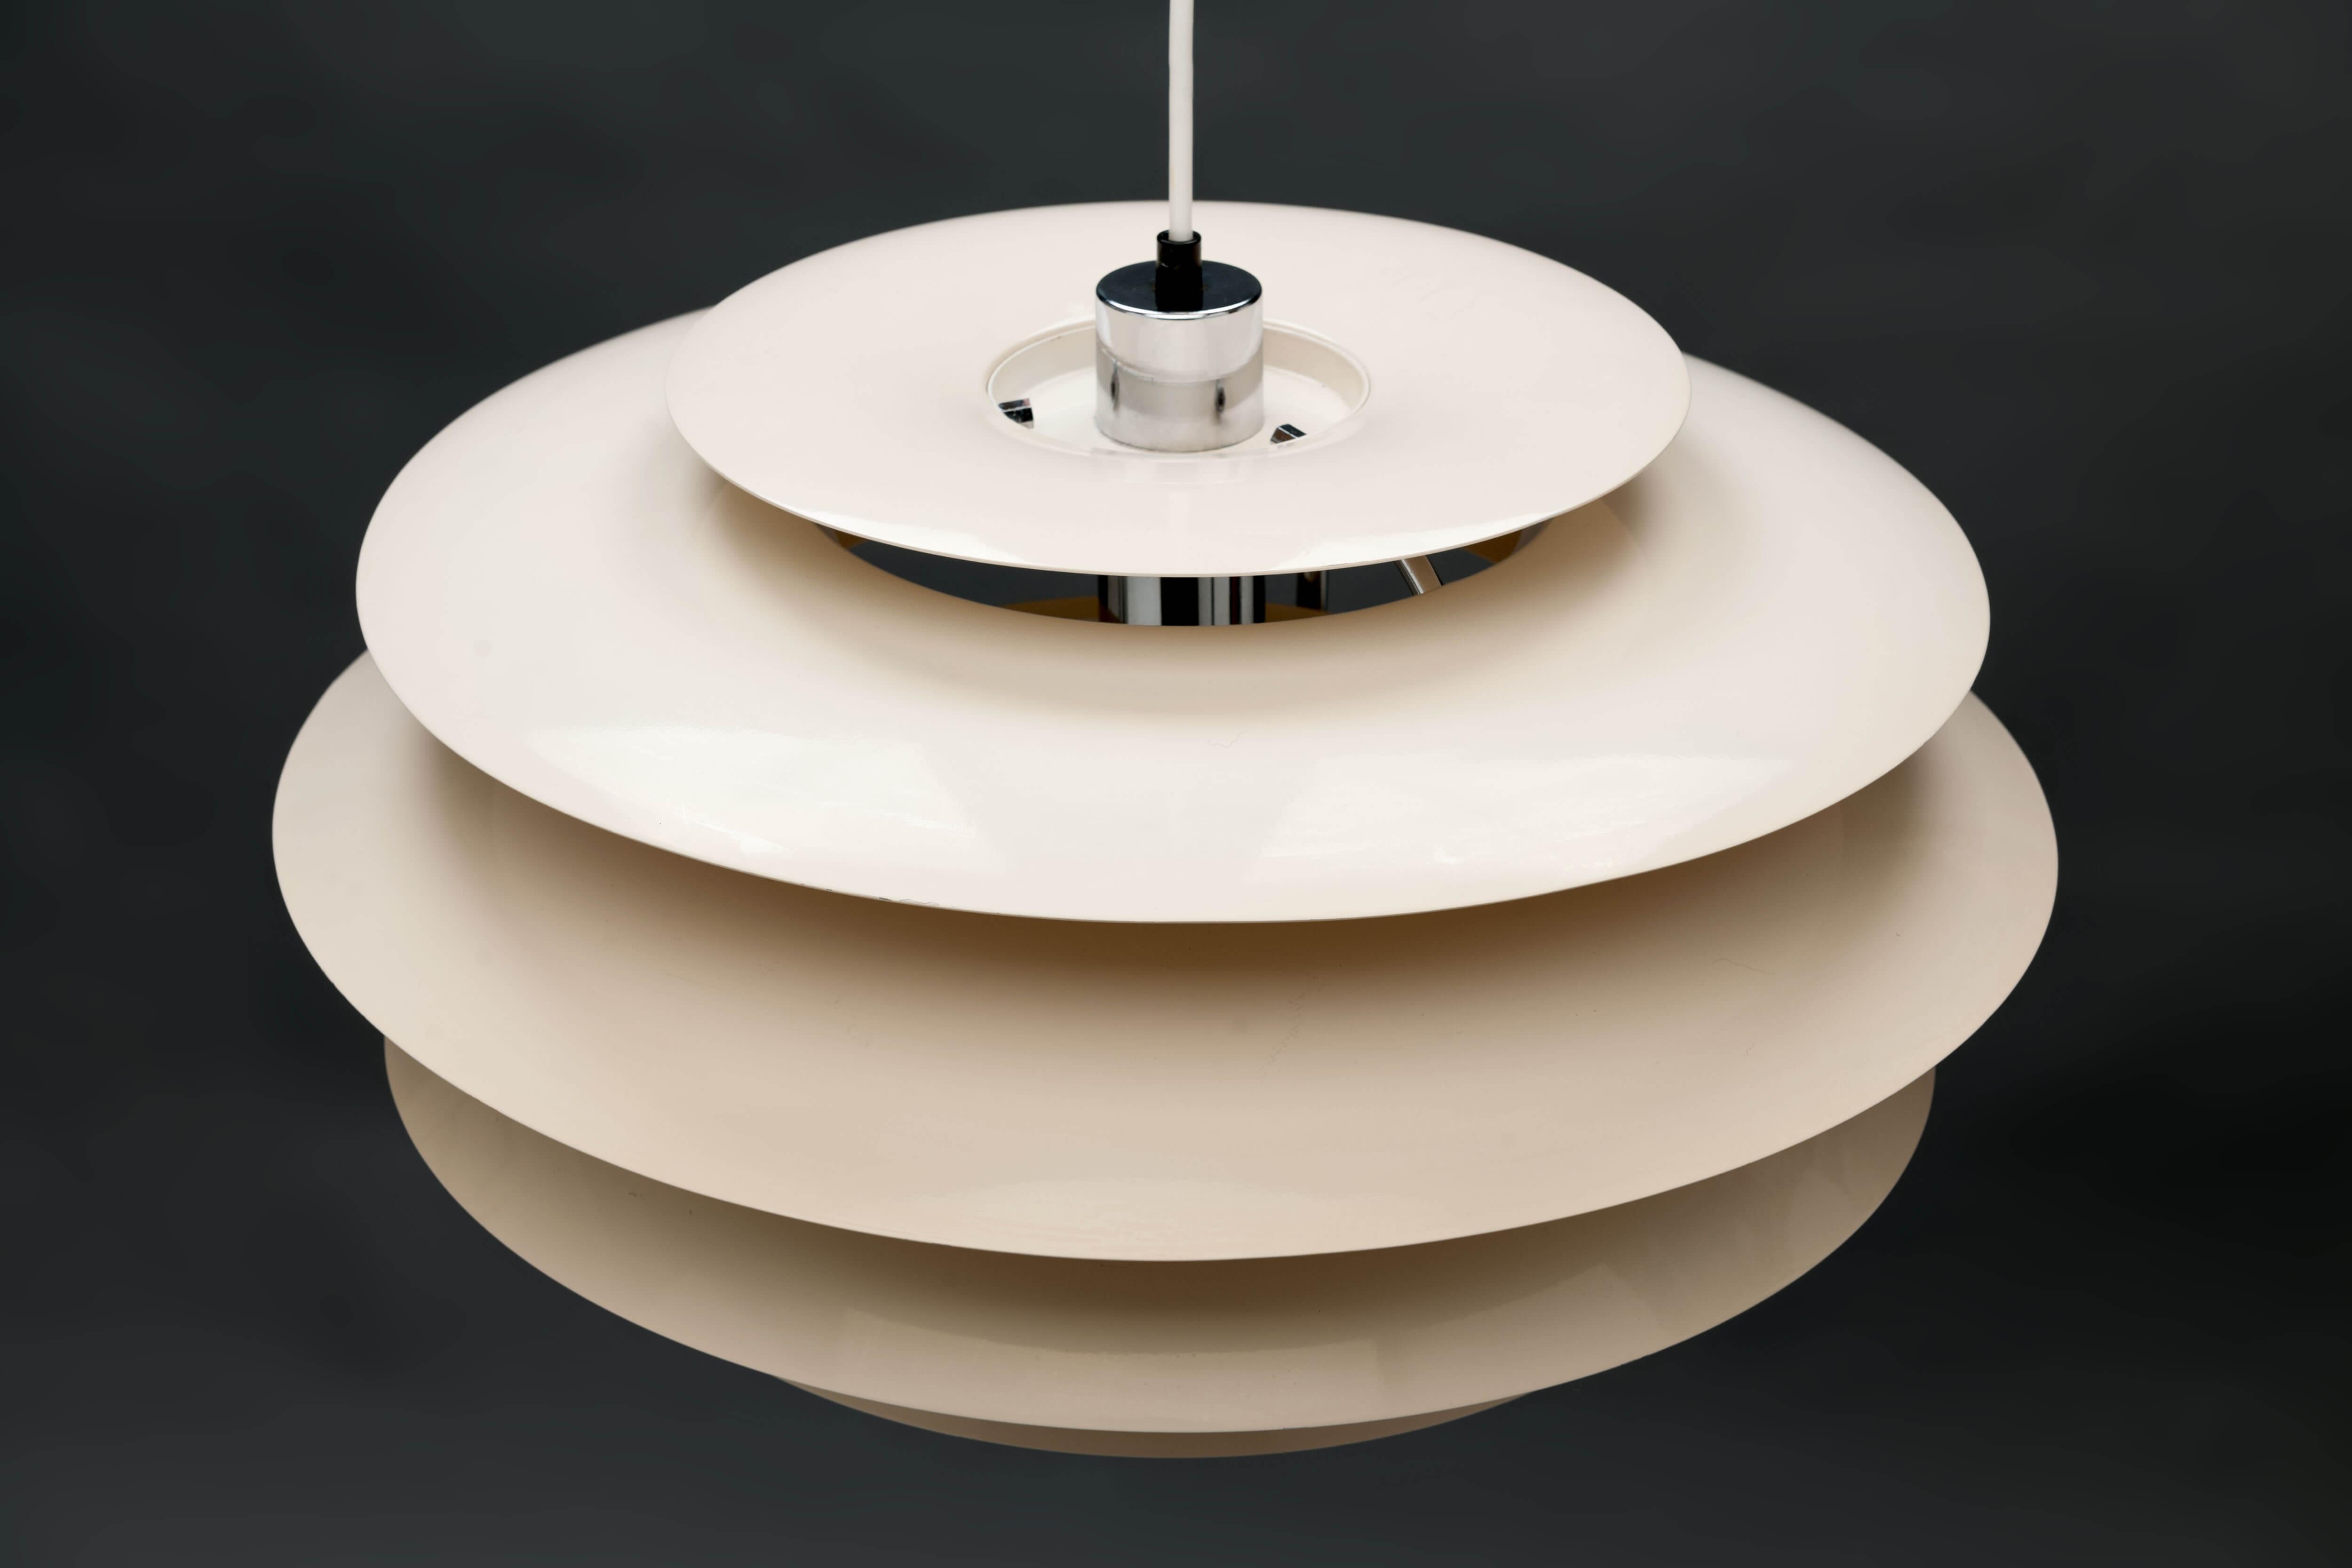 Vintage hanglamp model 1262